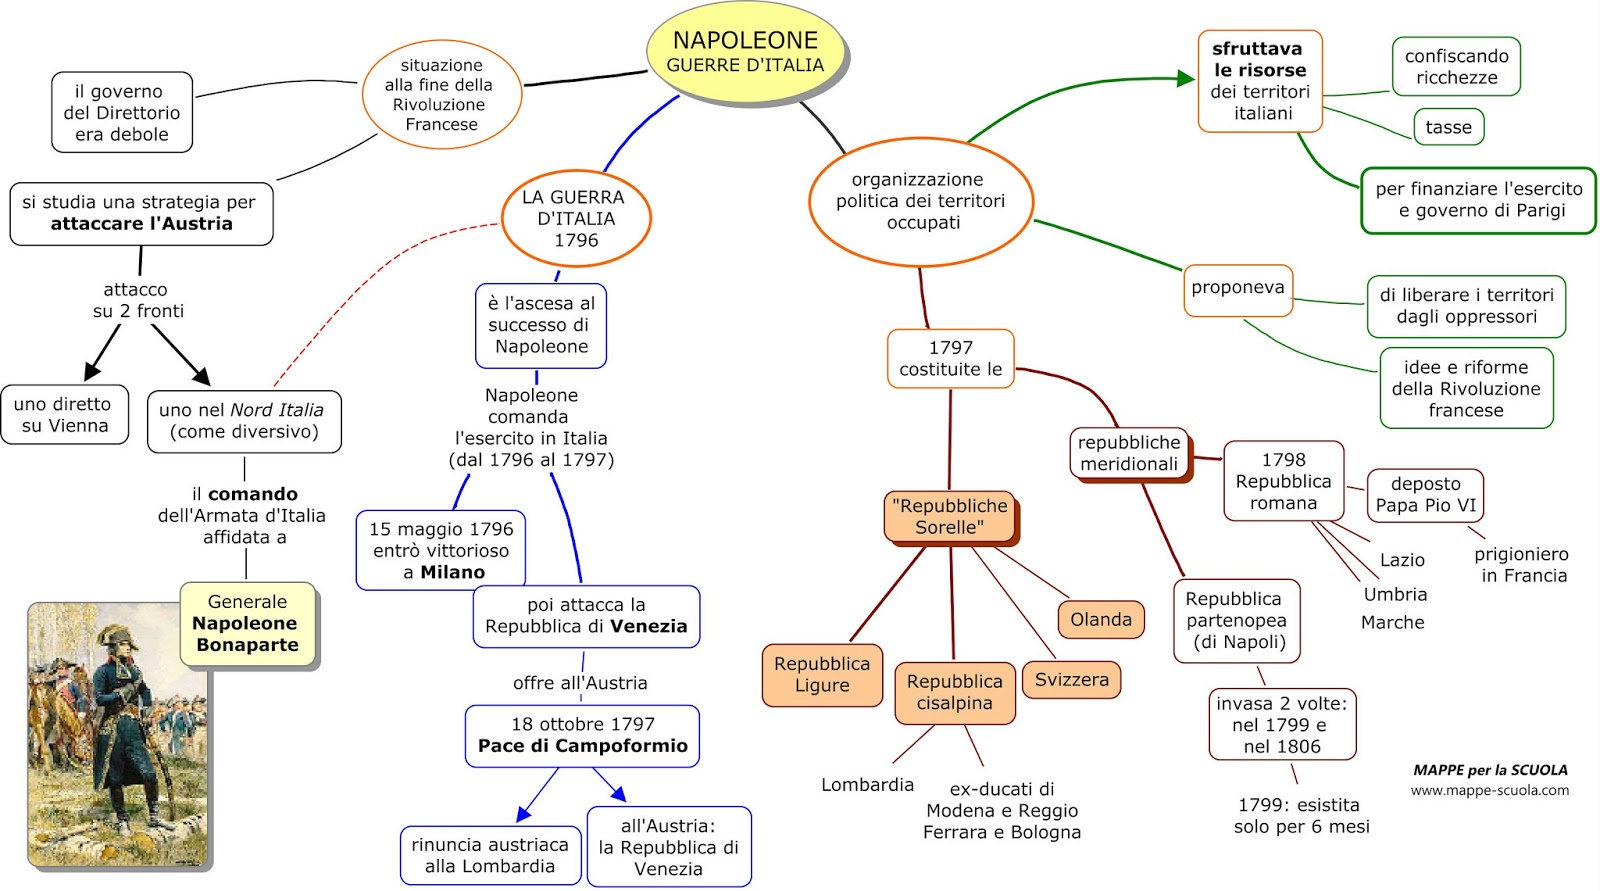 Mappa concettuale napoleone mappa concettuale per storia for Piani storici per la seconda casa dell impero